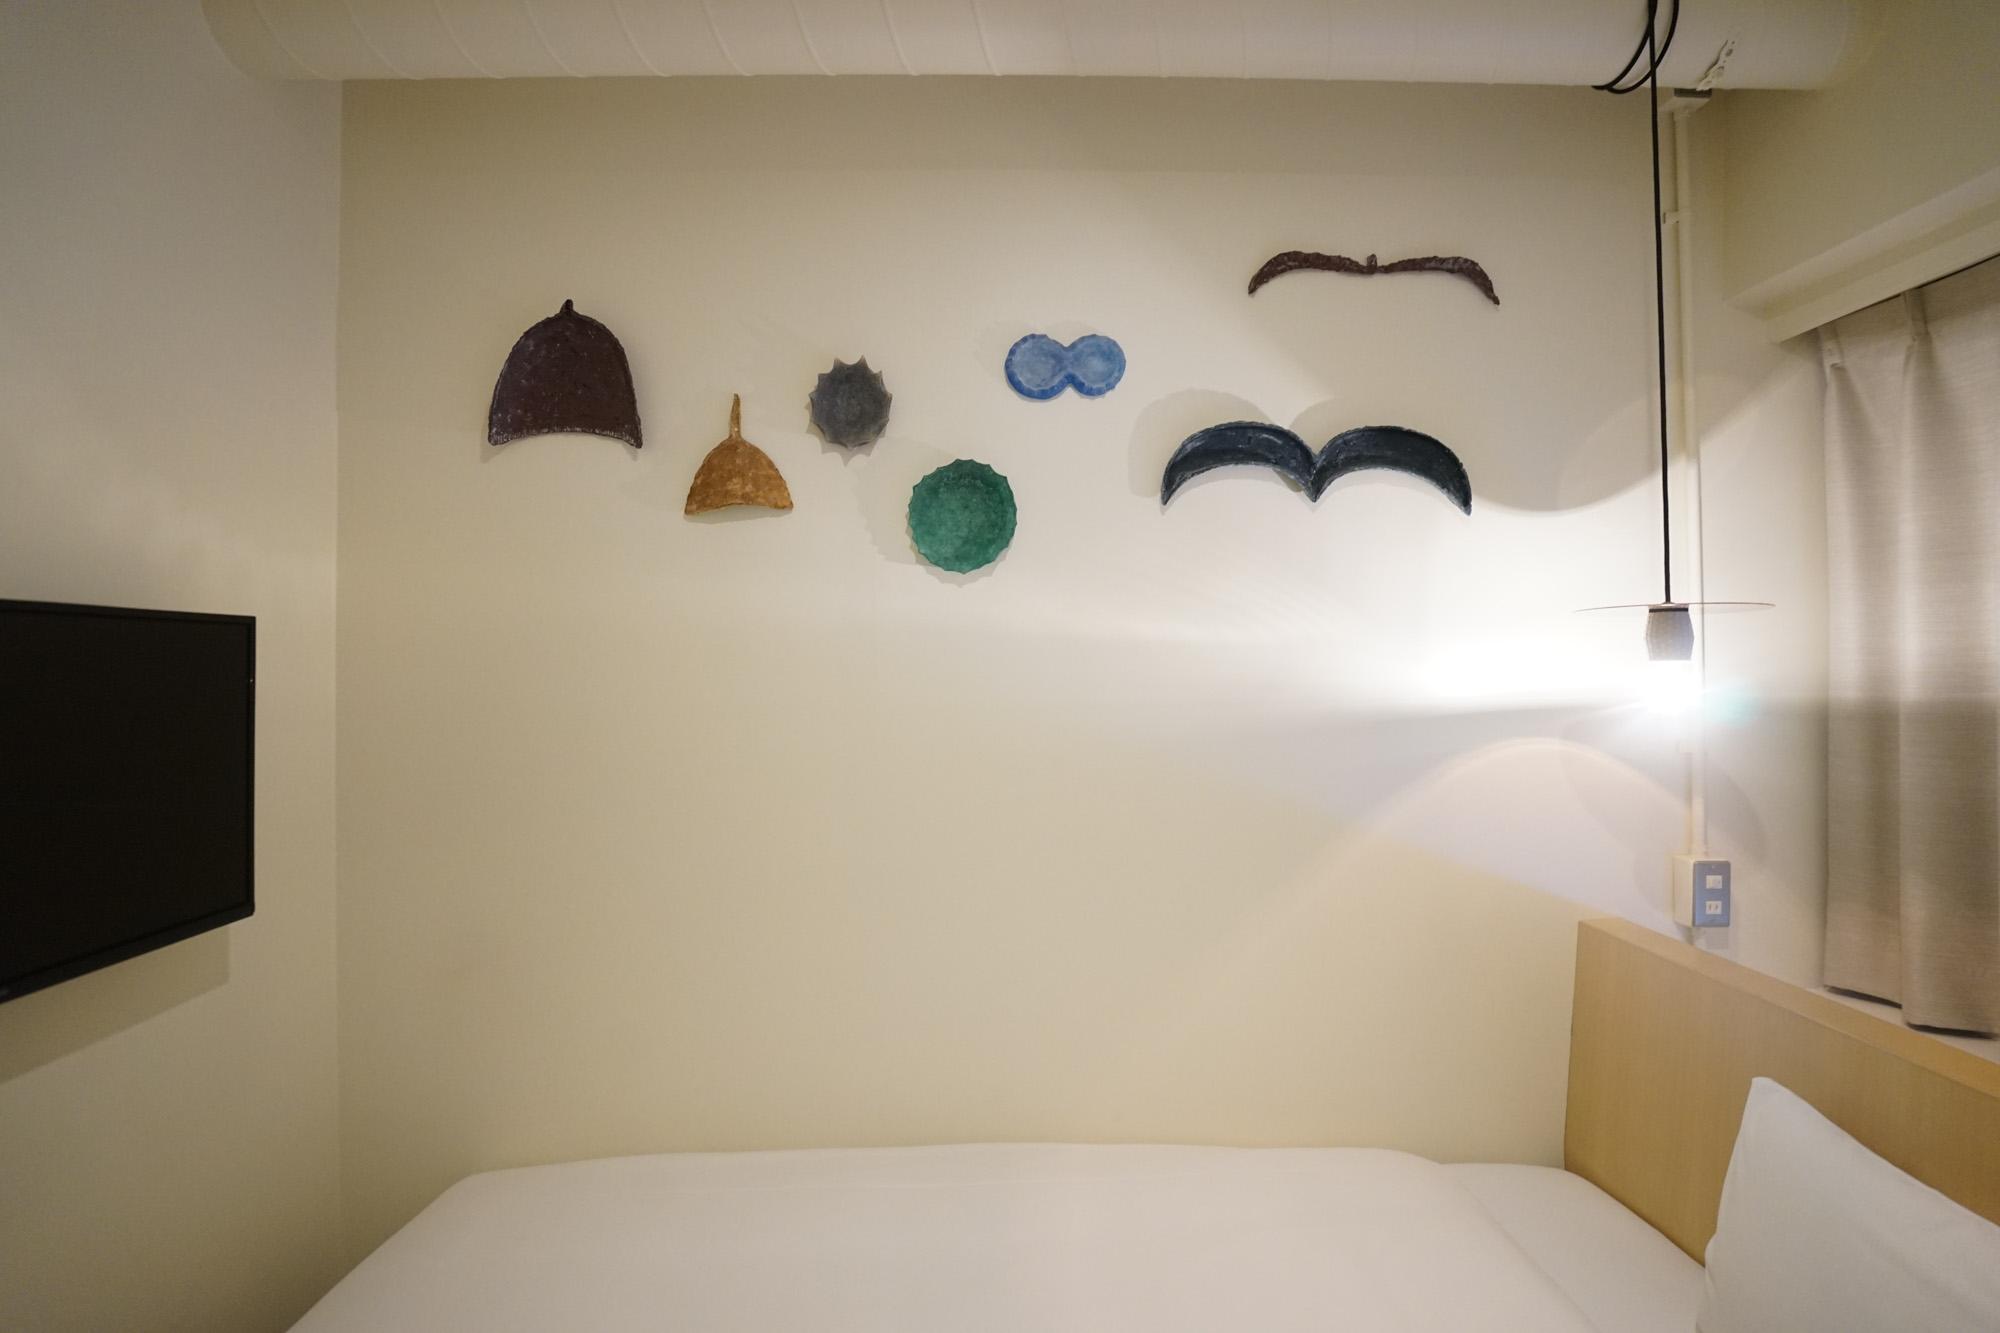 各部屋にそれぞれ異なるアート作品が飾られています。